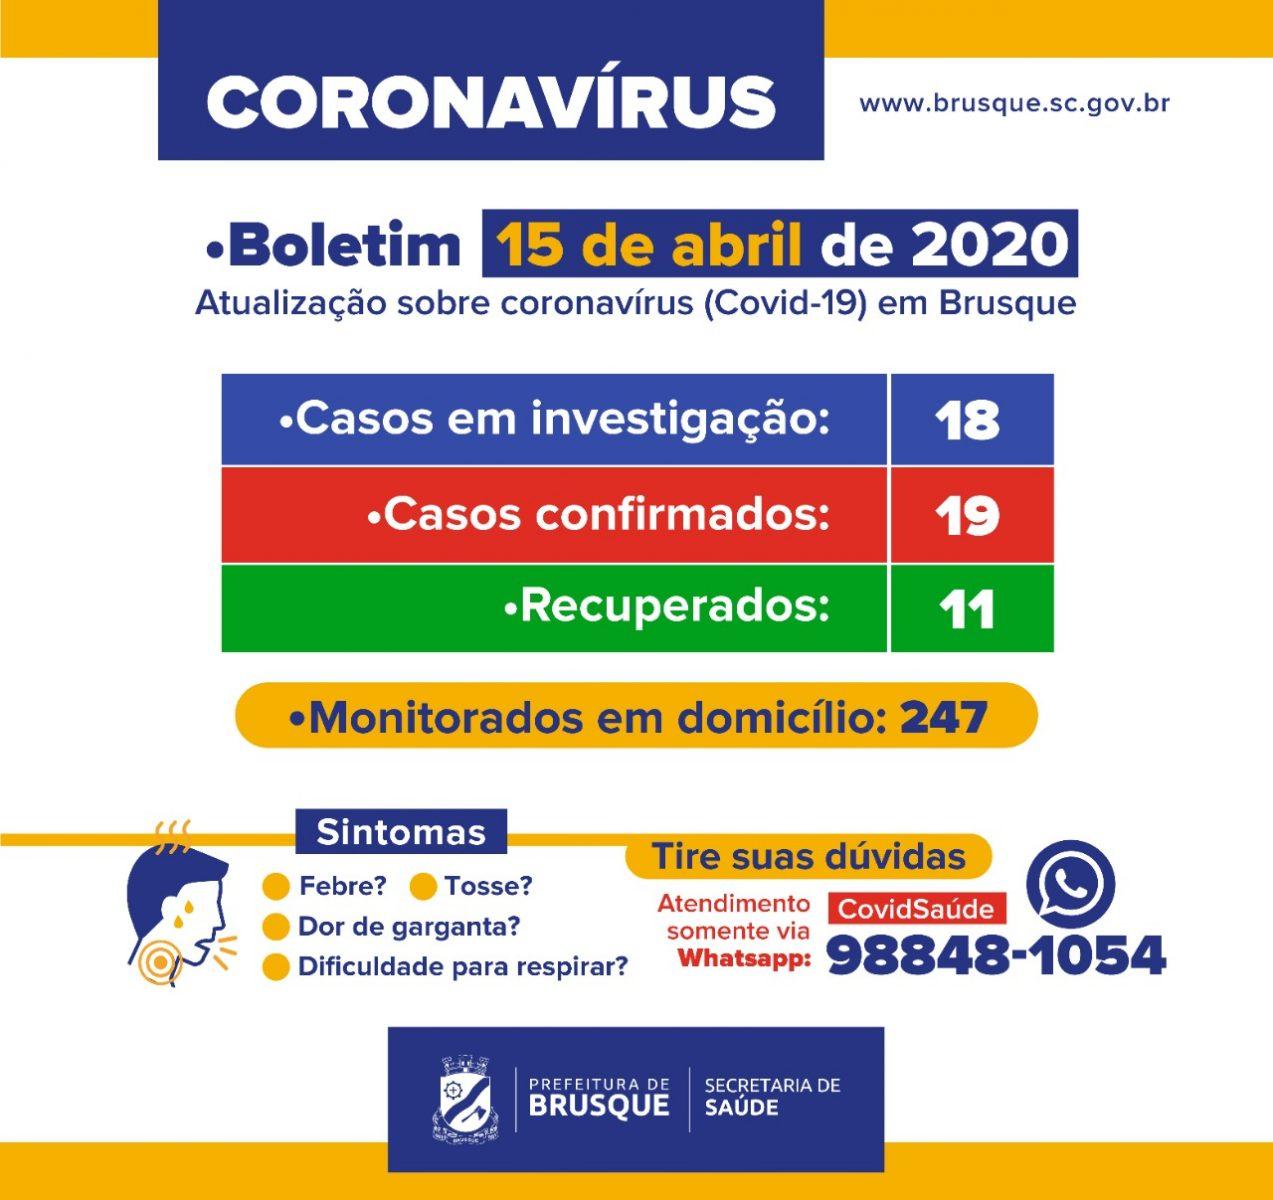 Sobe para 19 o número de casos confirmados de coronavírus em Brusque